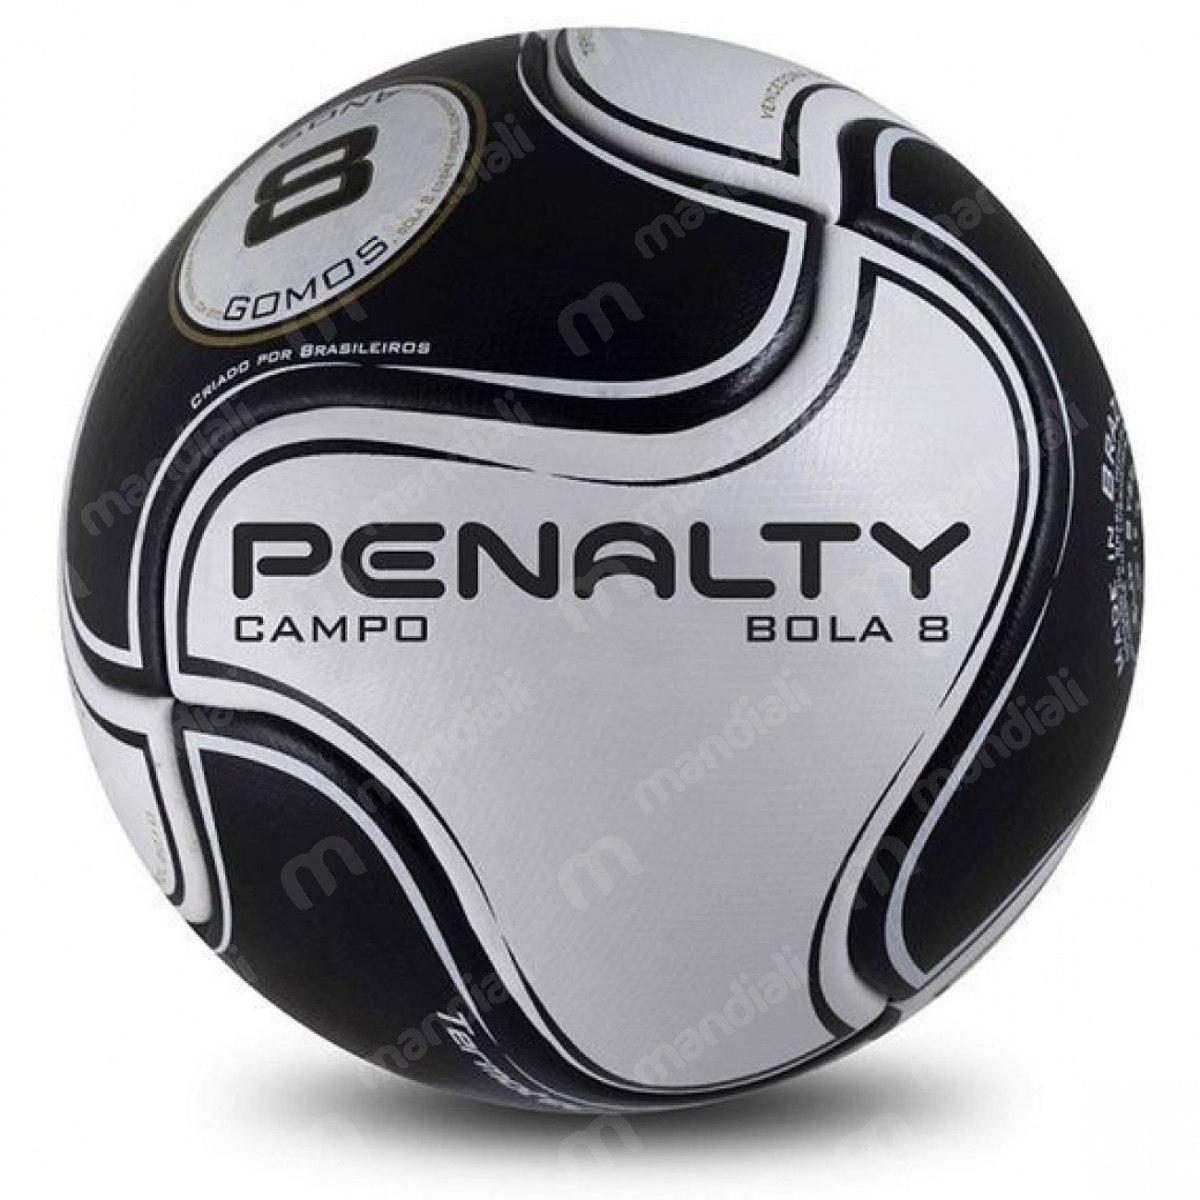 d4fe6bc8be29e bola futebol campo semi profissional r2 8 s11 preta penalty. Carregando  zoom.